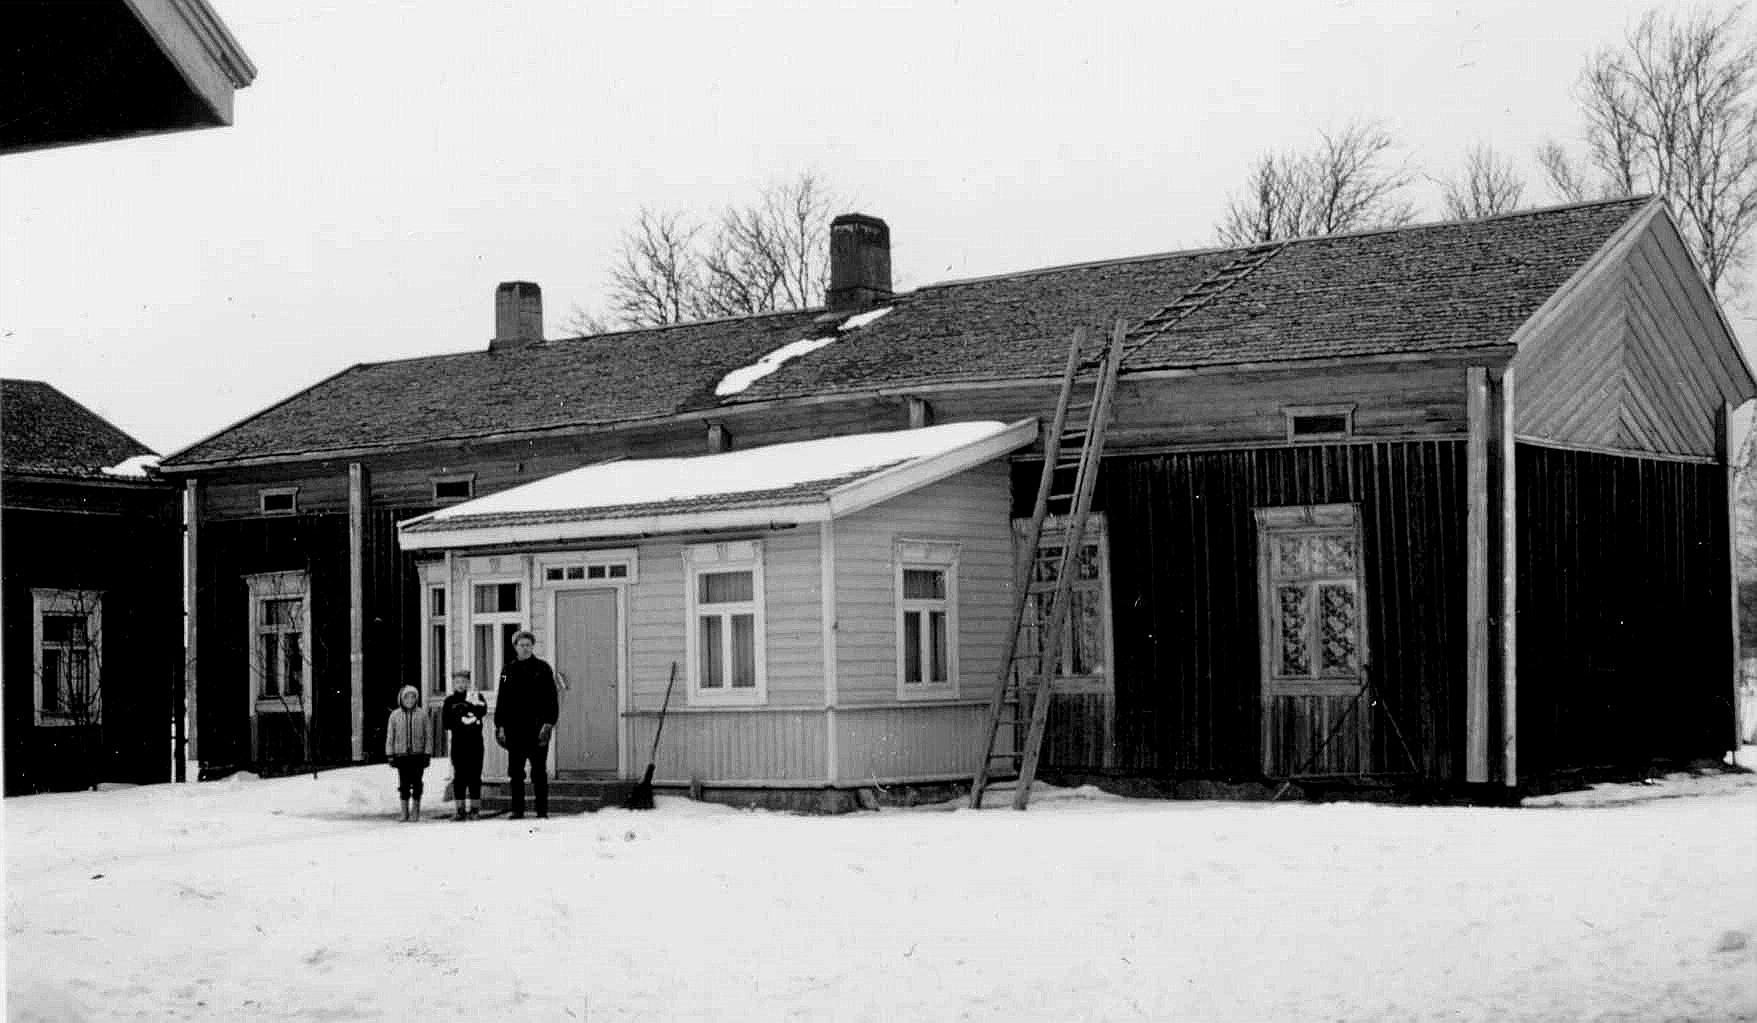 På bilden från 1950-talet står dåvarande ägaren Karl Lillkull med barnen Bernice och Gösta på gården. Kolla hur nära varandra lillstugan och huvudbyggnaden stod. Små barn rymdes emellan medan de vuxna fick gå runt gården för att komma till baksidan. Fotot taget från öster.